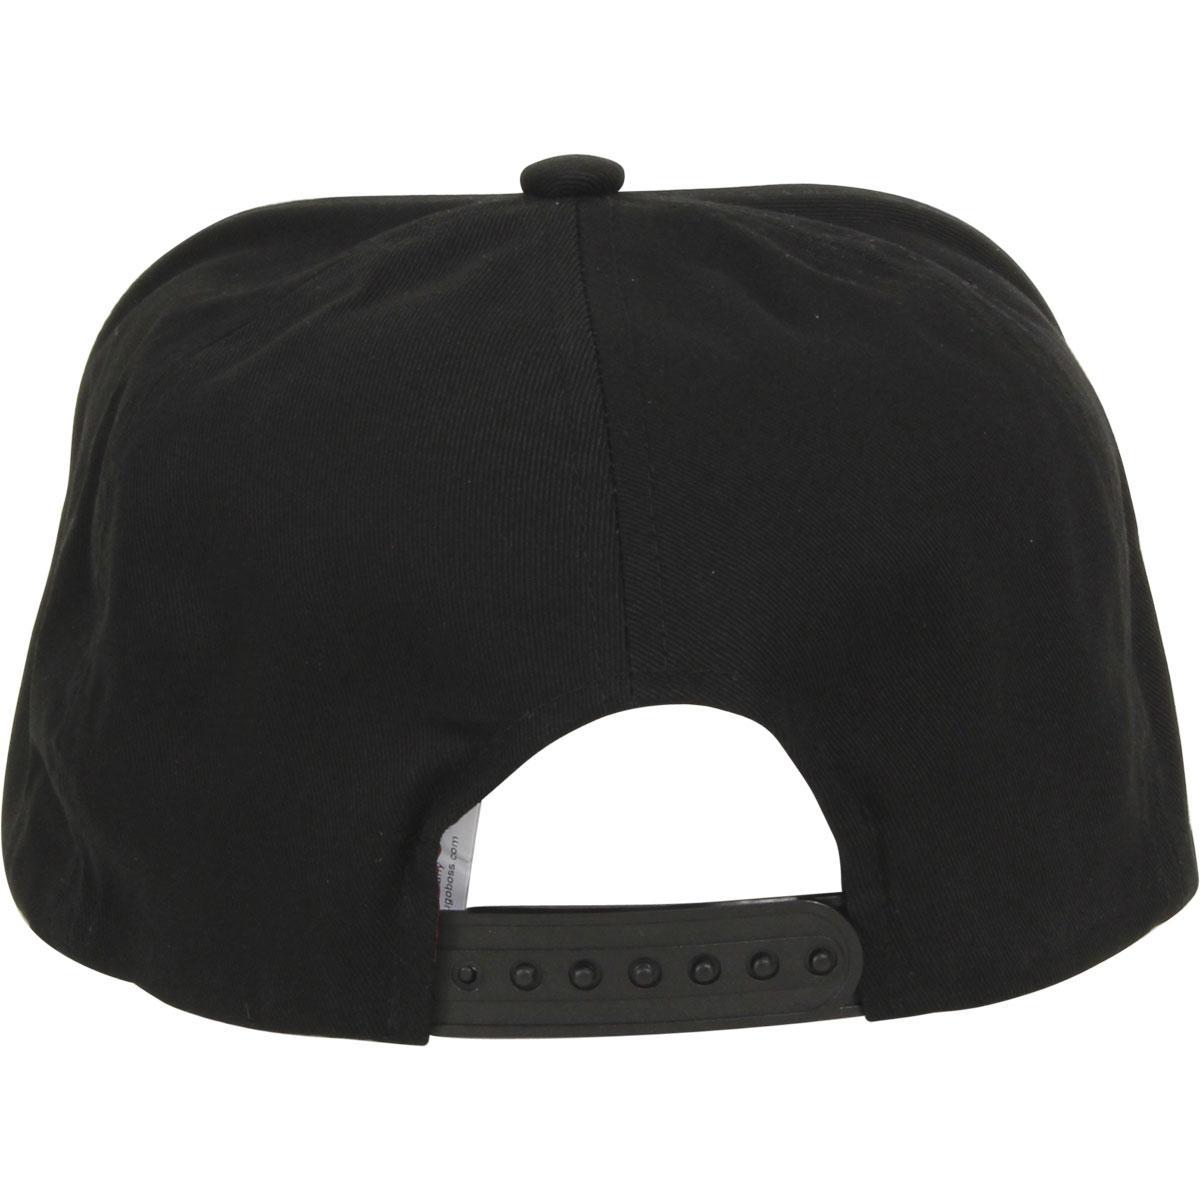 Hugo Boss Men s Men-X 524 3 Flat-Brim Baseball Cap (One Size Fits Most) 71842ea601a